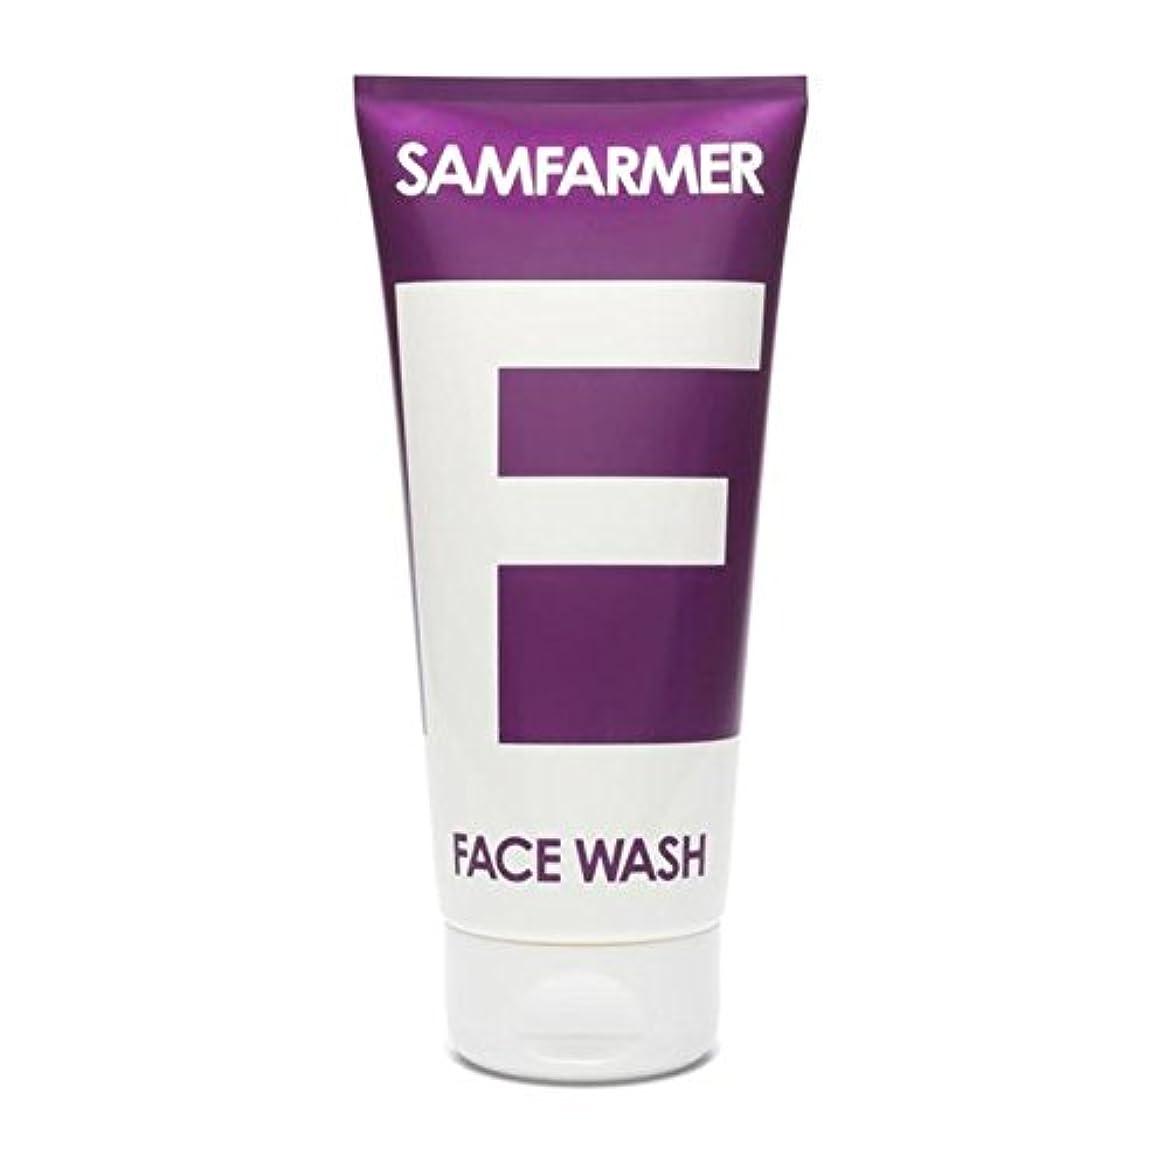 雲野菜長いですSAMFARMER Unisex Face Wash 200ml (Pack of 6) - ユニセックスフェイスウォッシュ200ミリリットル x6 [並行輸入品]